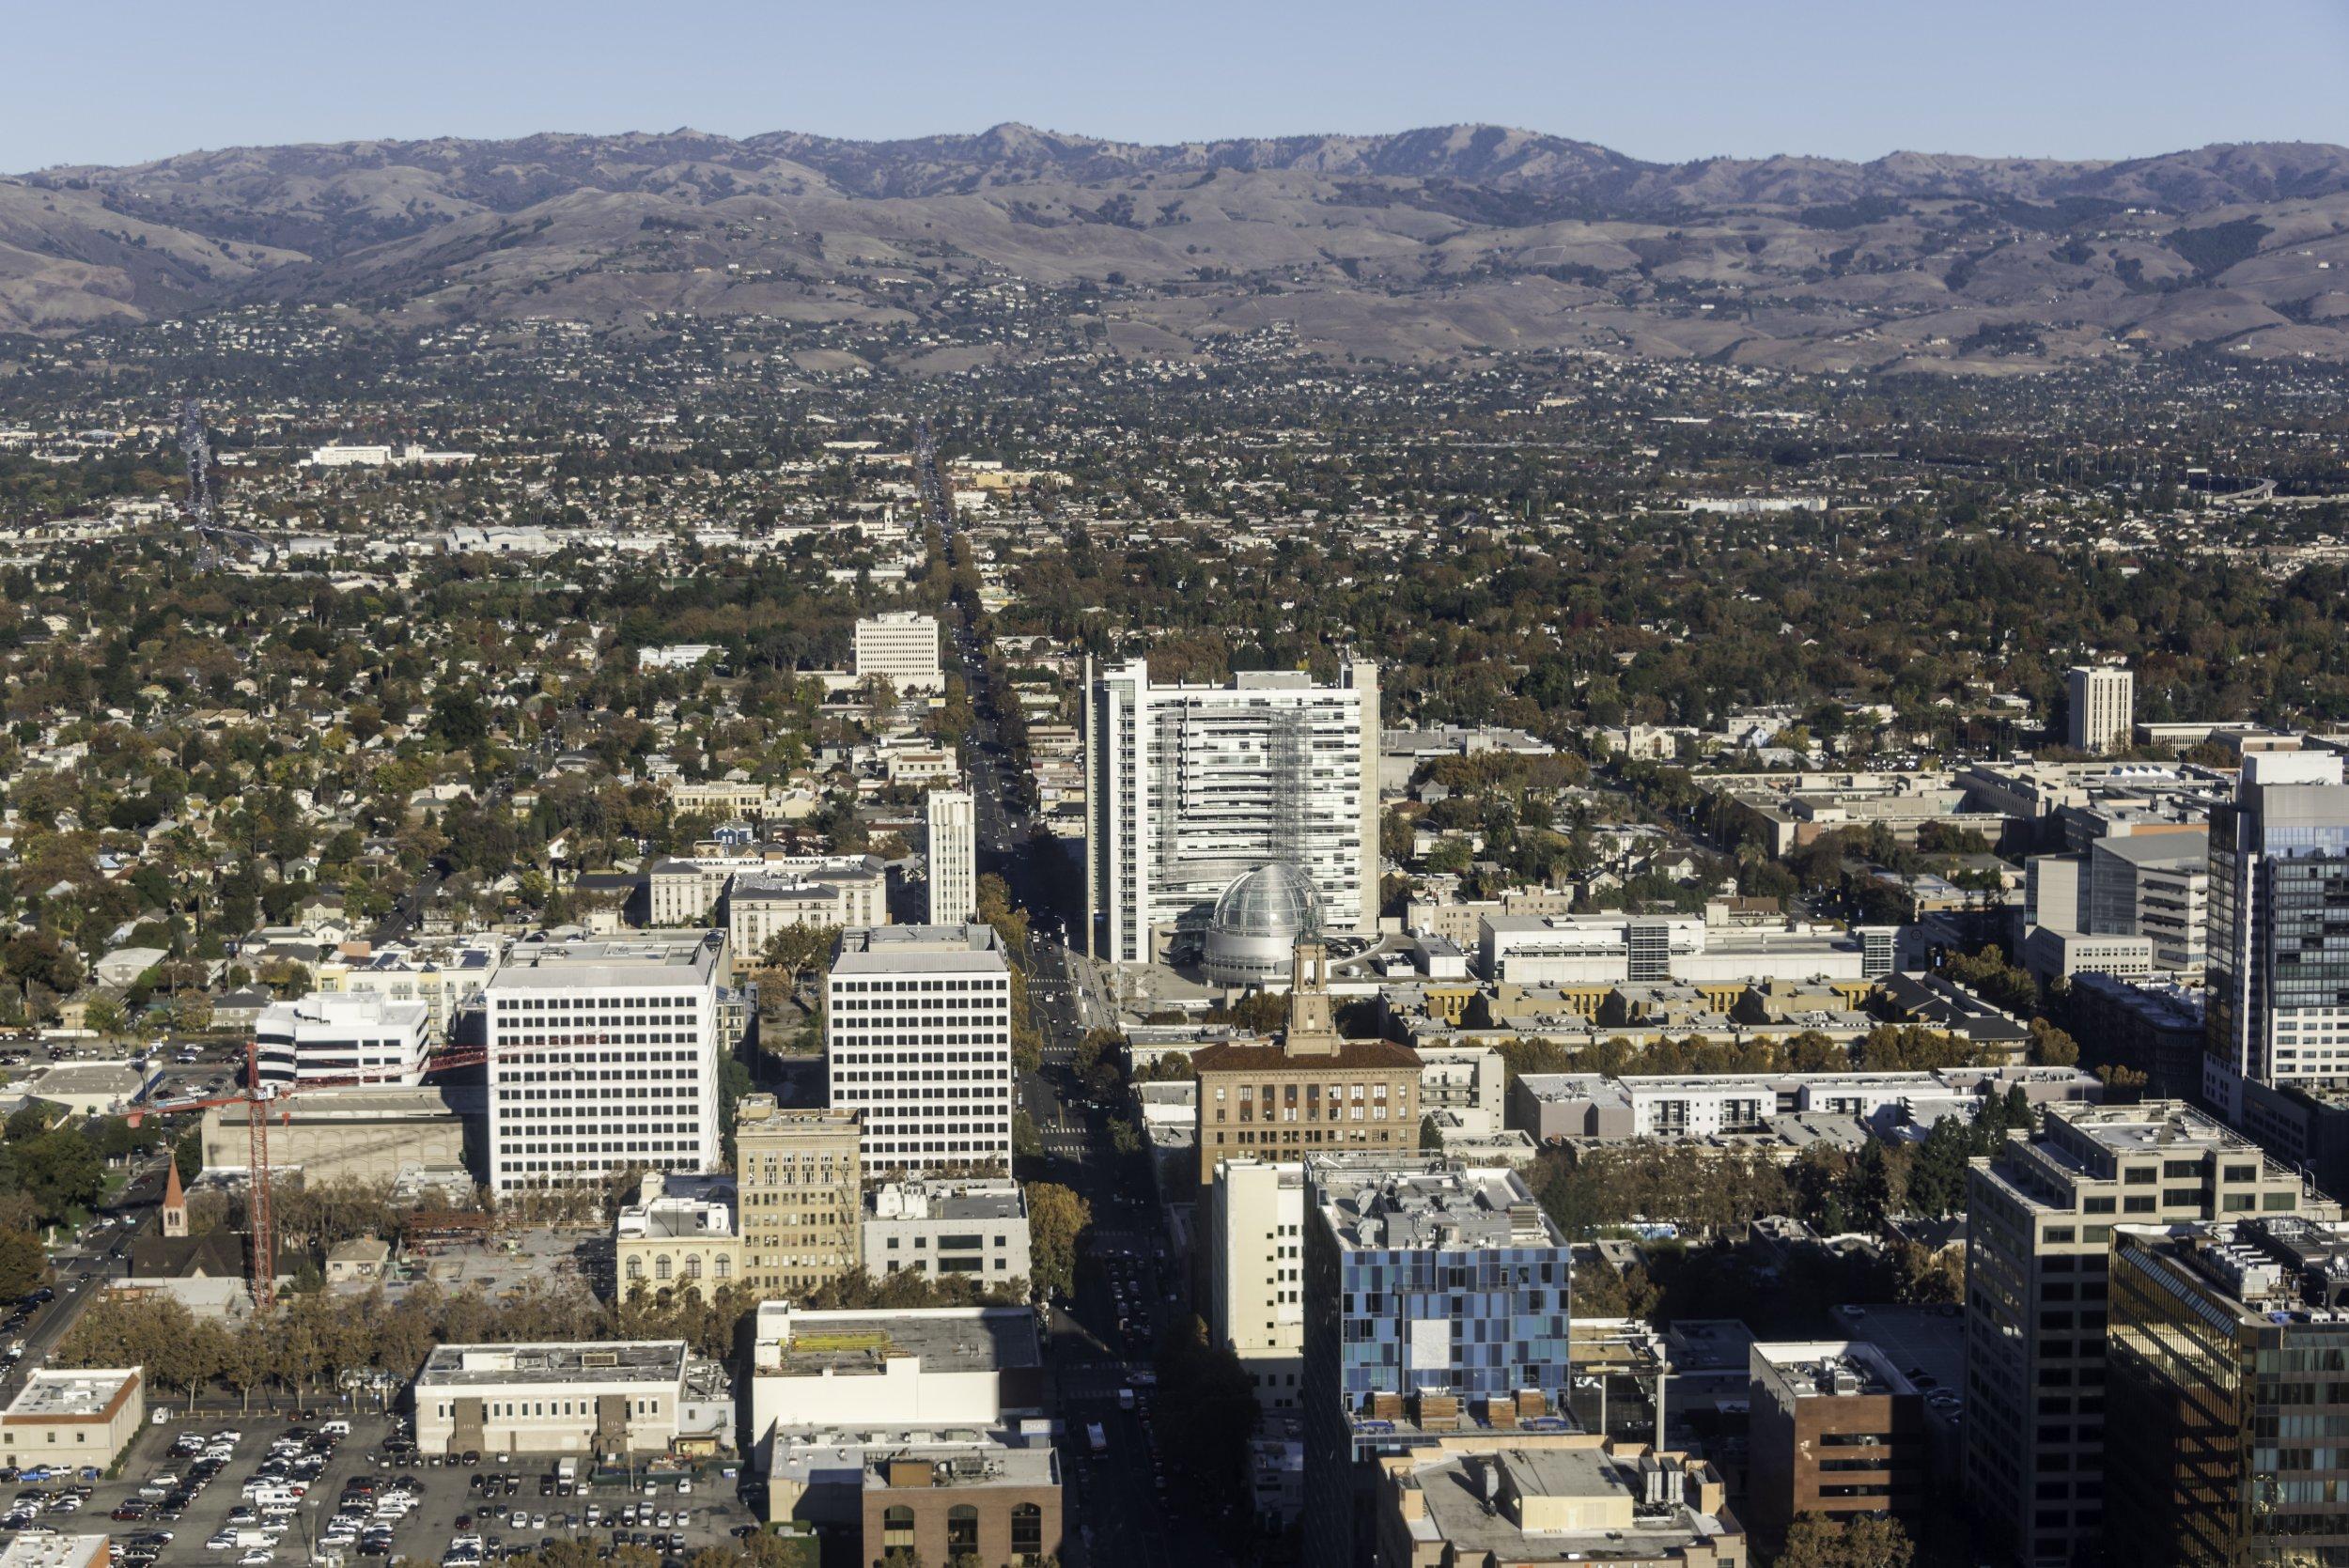 1 San Jose